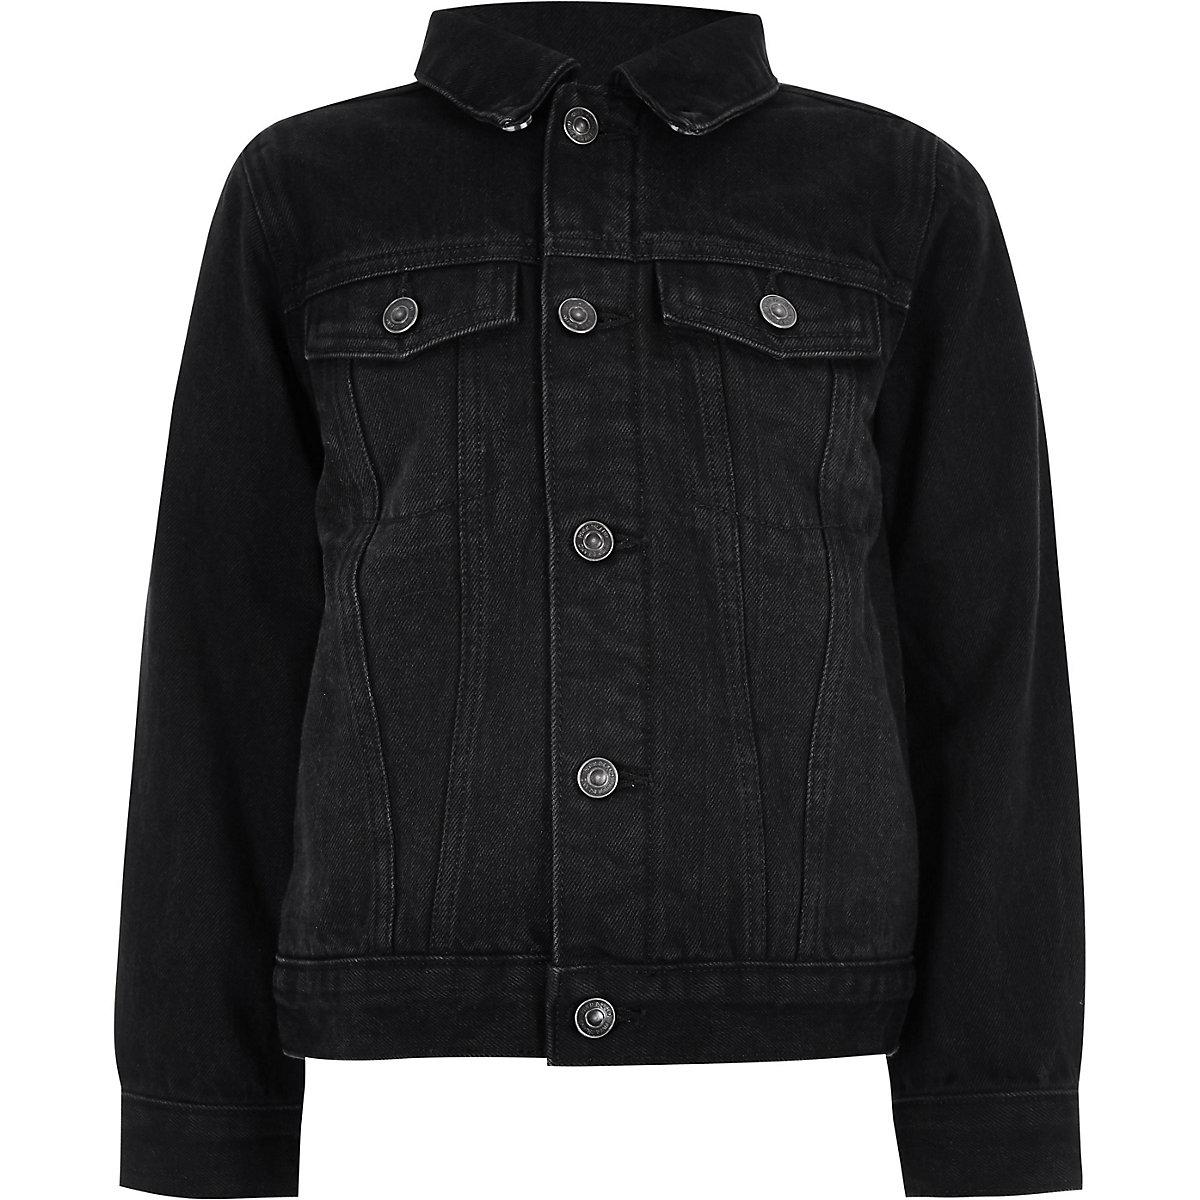 Boys Black Wash Borg Lined Denim Jacket Jackets Coats Jackets